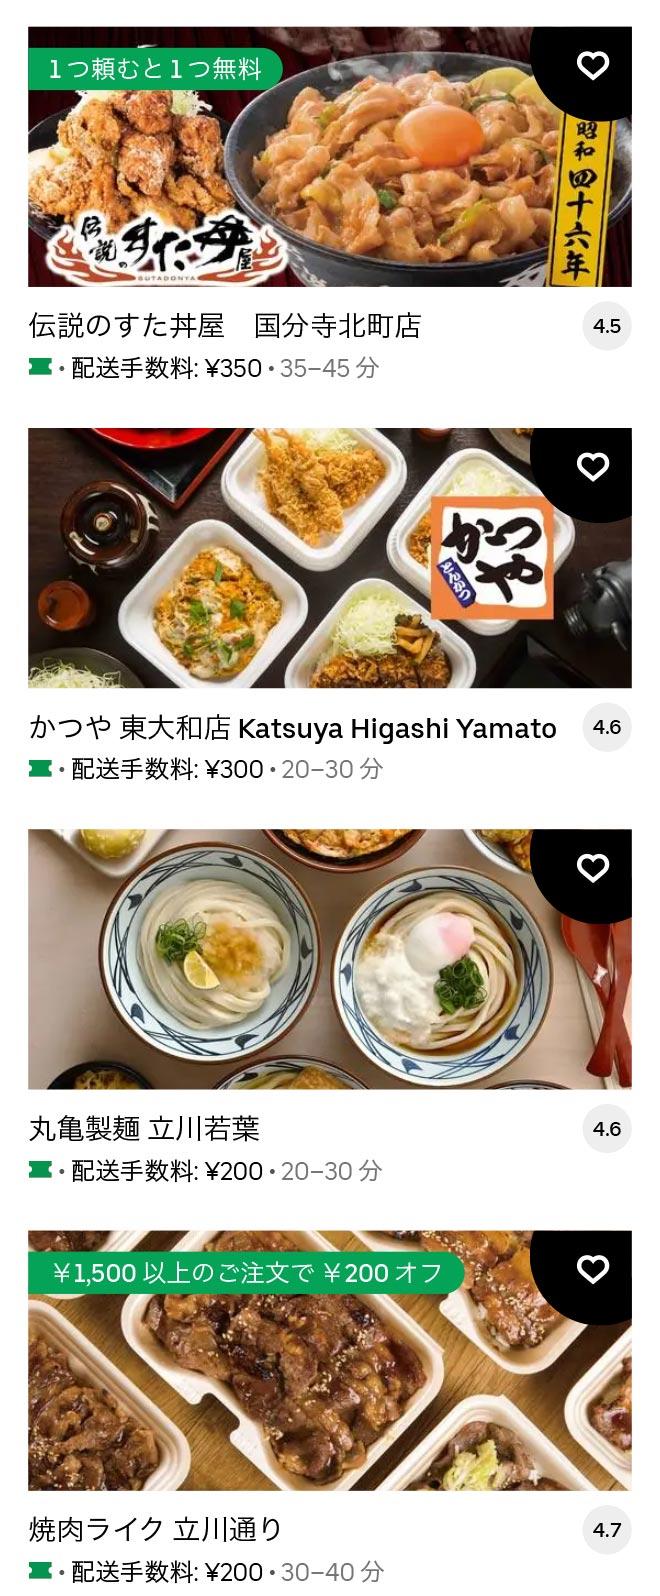 U higashi yamato 2106 06